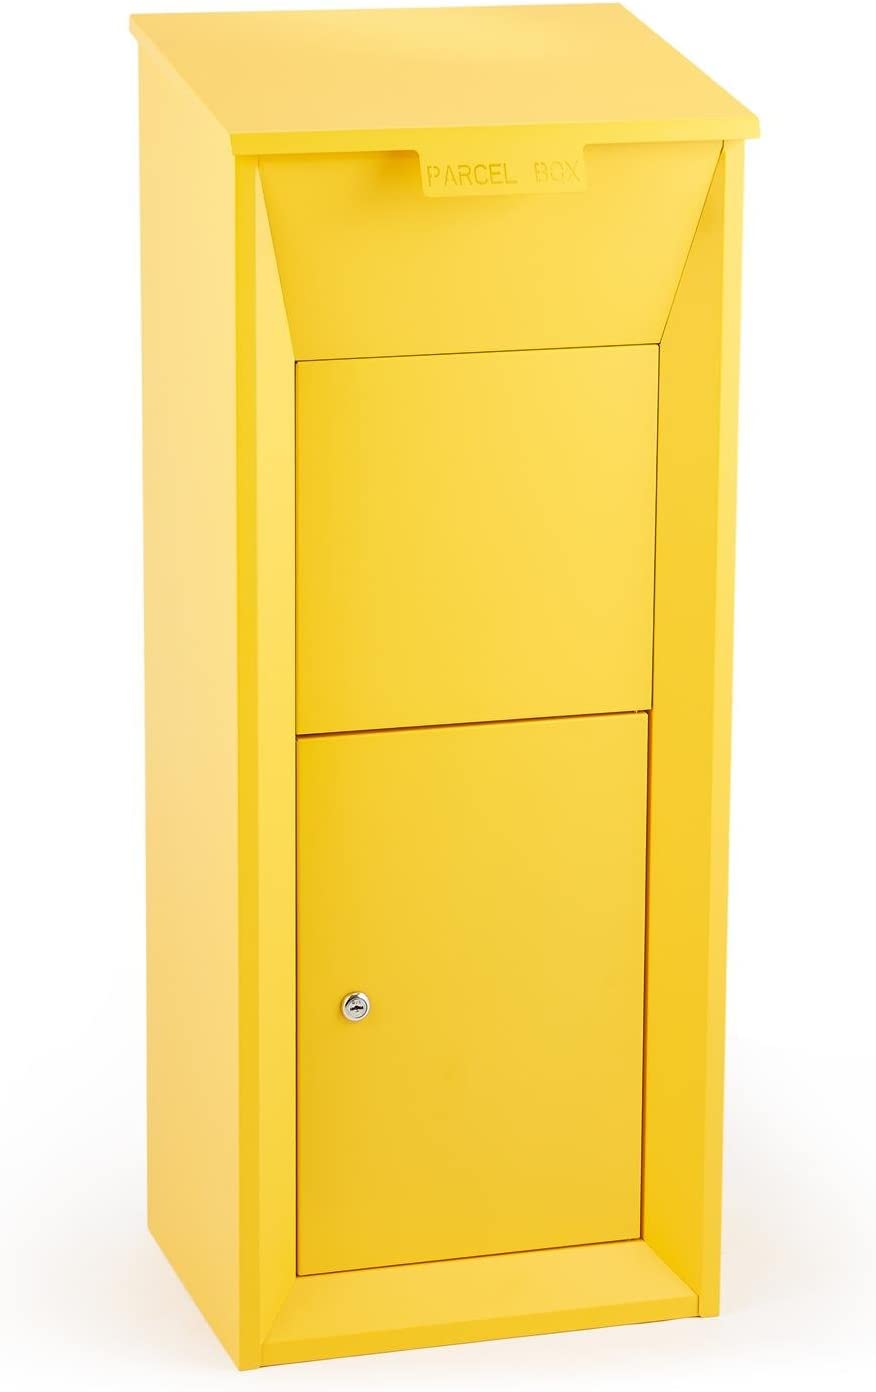 Waldbeck Postbutler Buzón de paquetería (Puerta con Cerrojo, fijación al Suelo,Exterior, para Paquetes, Cartas y Correo) - Amarillo